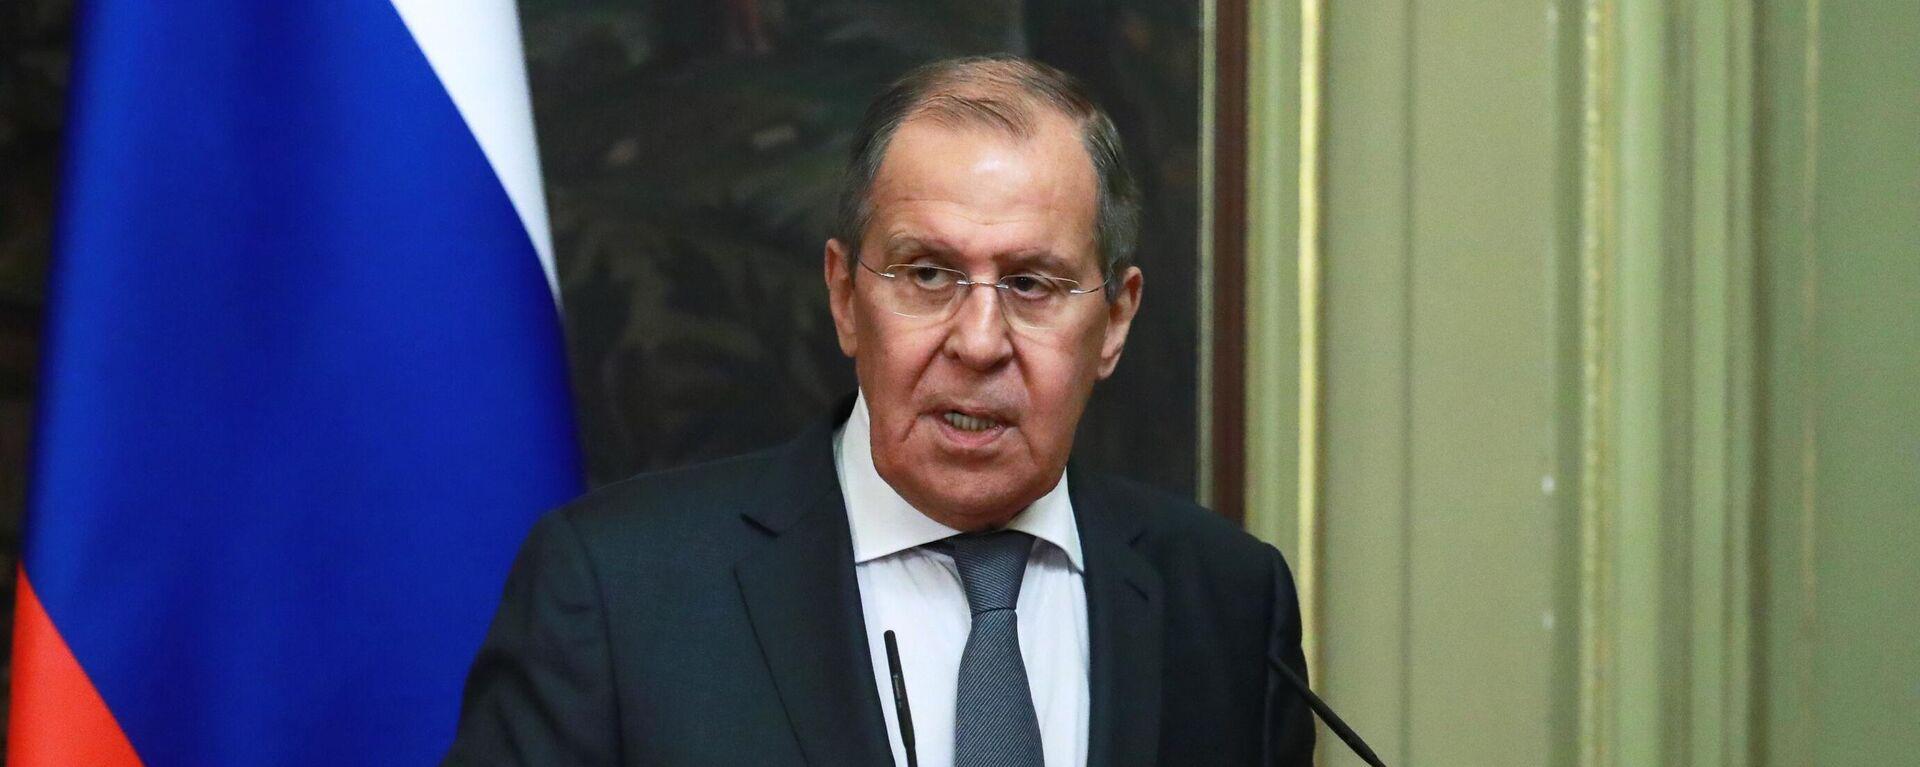 El ministro de Exteriores ruso, Serguéi Lavrov, durante una rueda de prensa tras reunirse con su homólogo de Catar, Mohamed bin Abdulrahman Thani - Sputnik Mundo, 1920, 11.09.2021